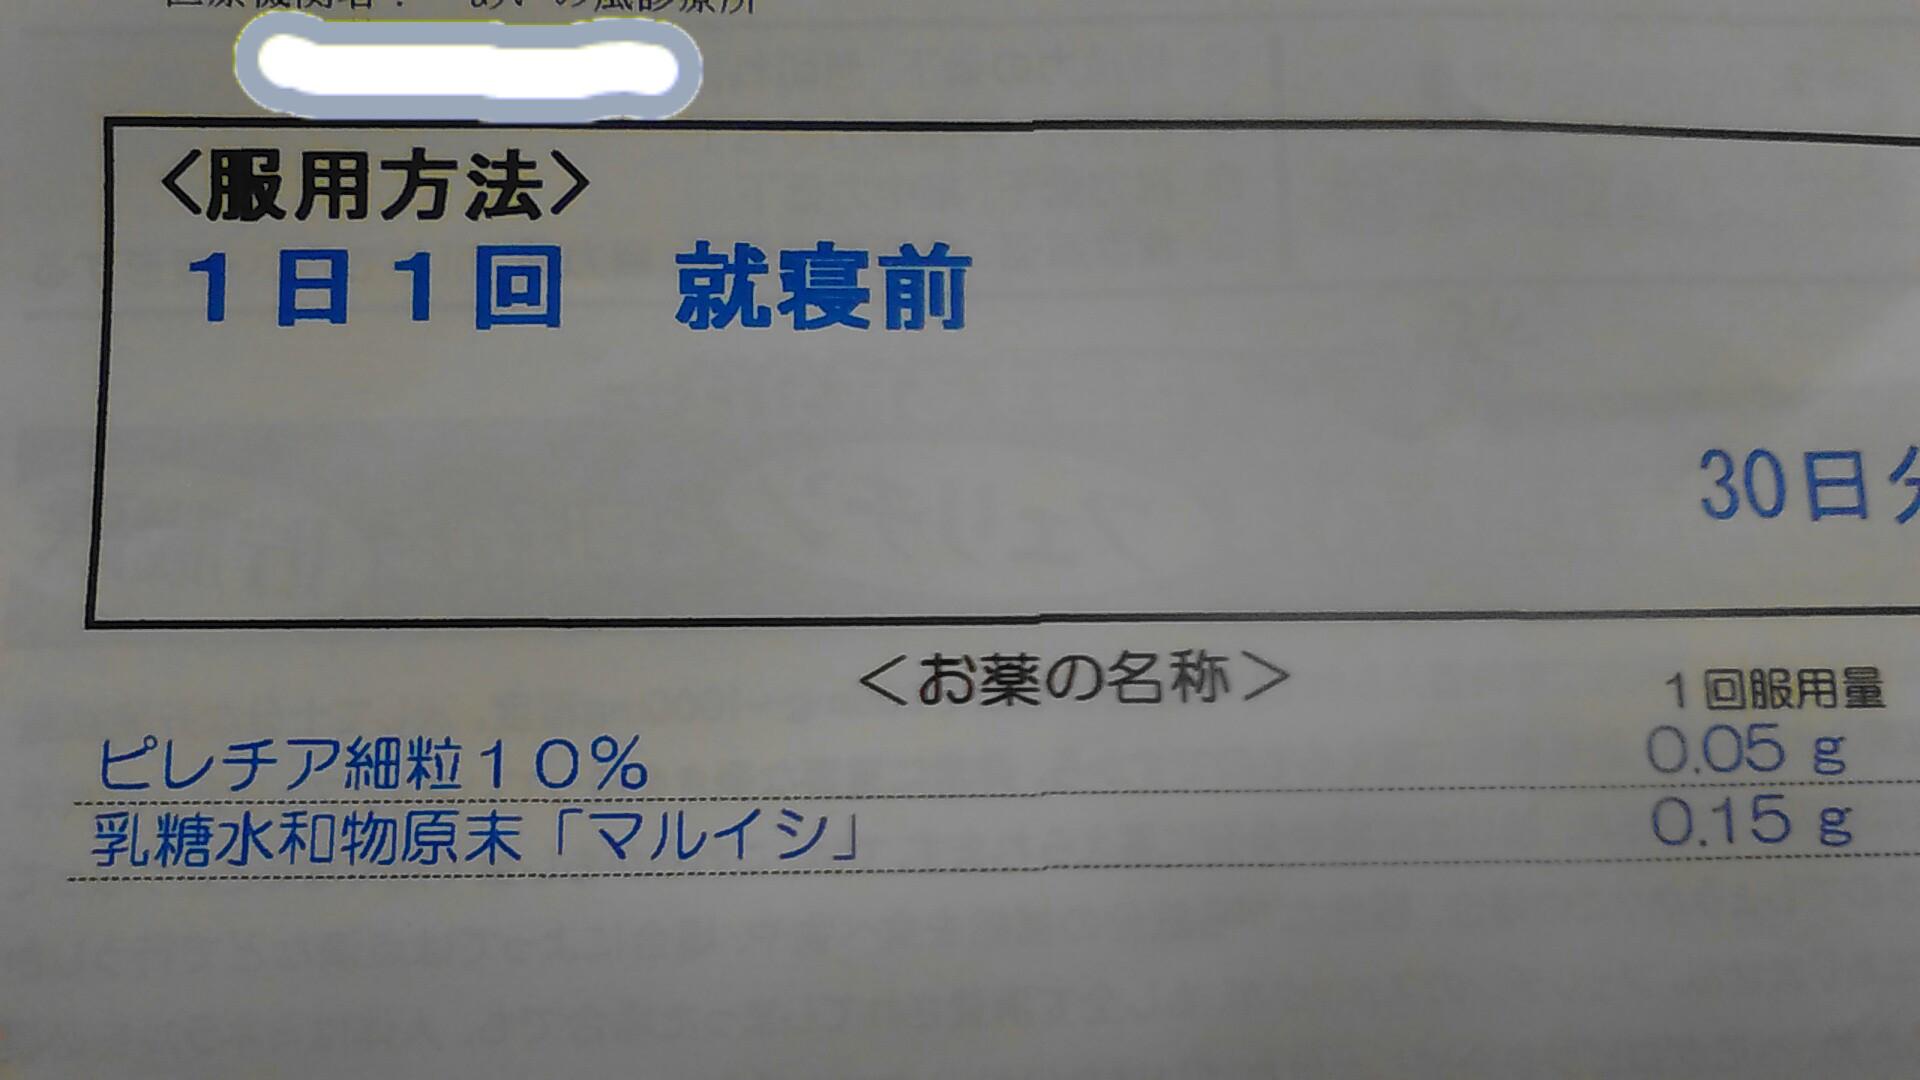 moblog_6592d974.jpg